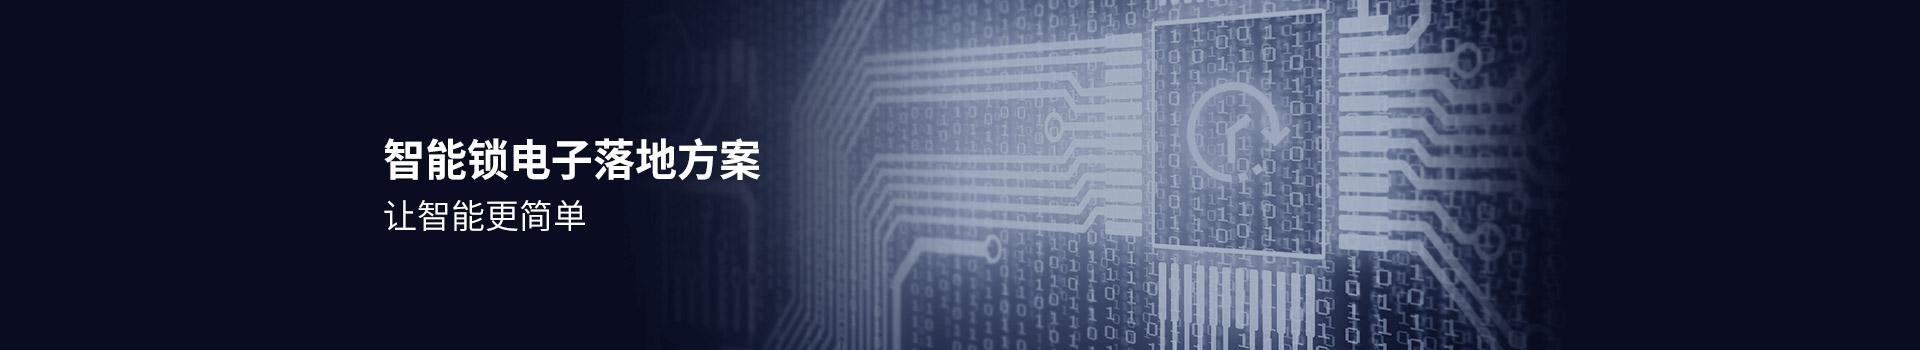 LECHT乐奇-智能锁电子落地方案—让智能更简单